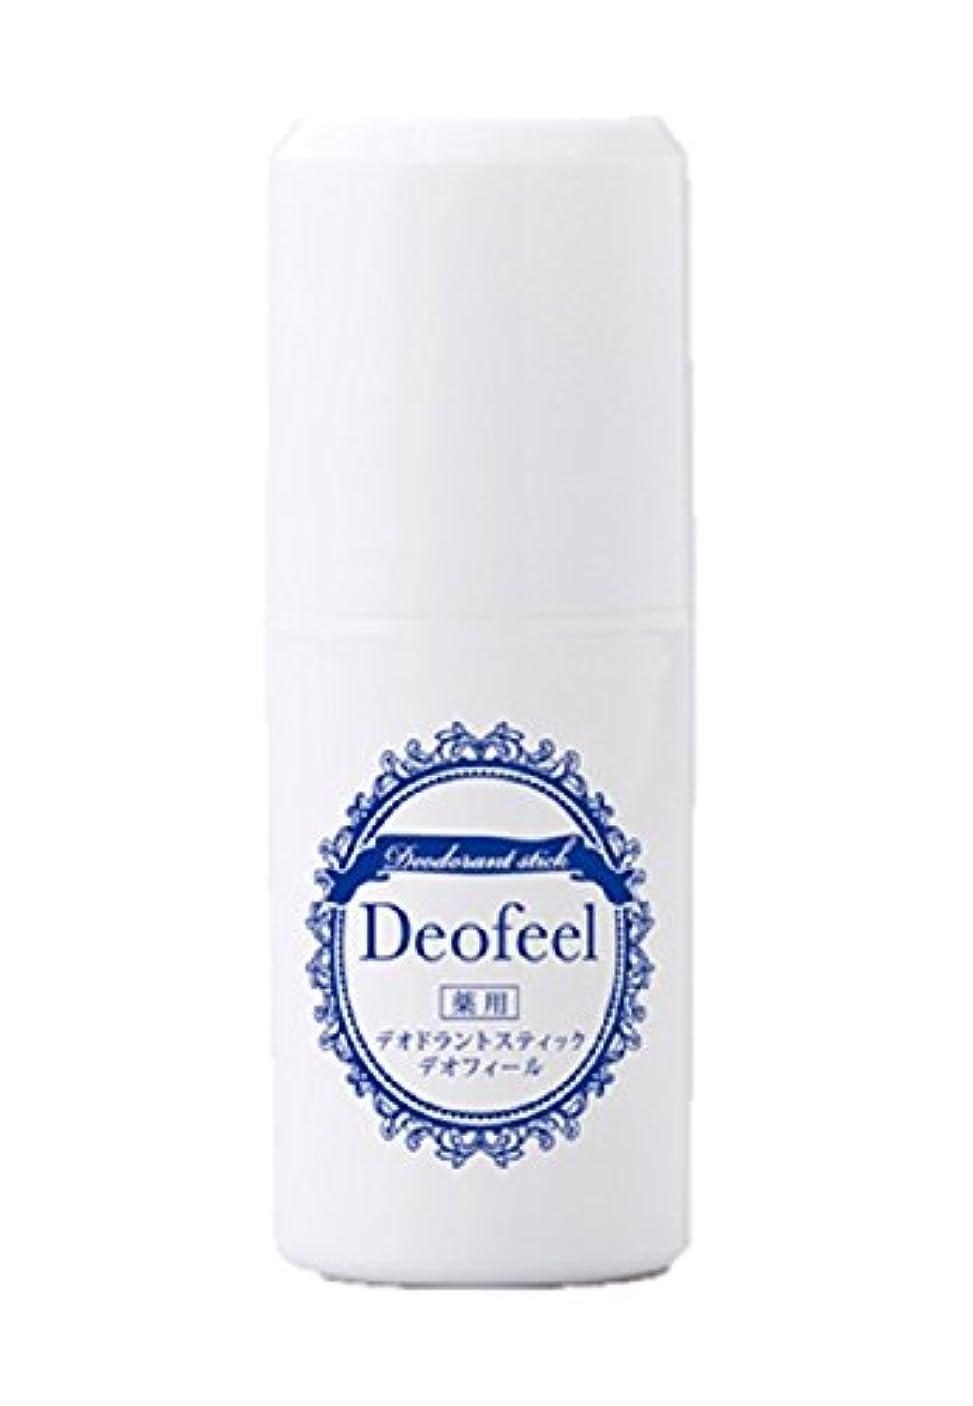 薬用デオドラントスティック デオフィール デオドラントクリーム スティック 制汗剤 消臭 薬用 わきが 足 日本製 (15g×1本)